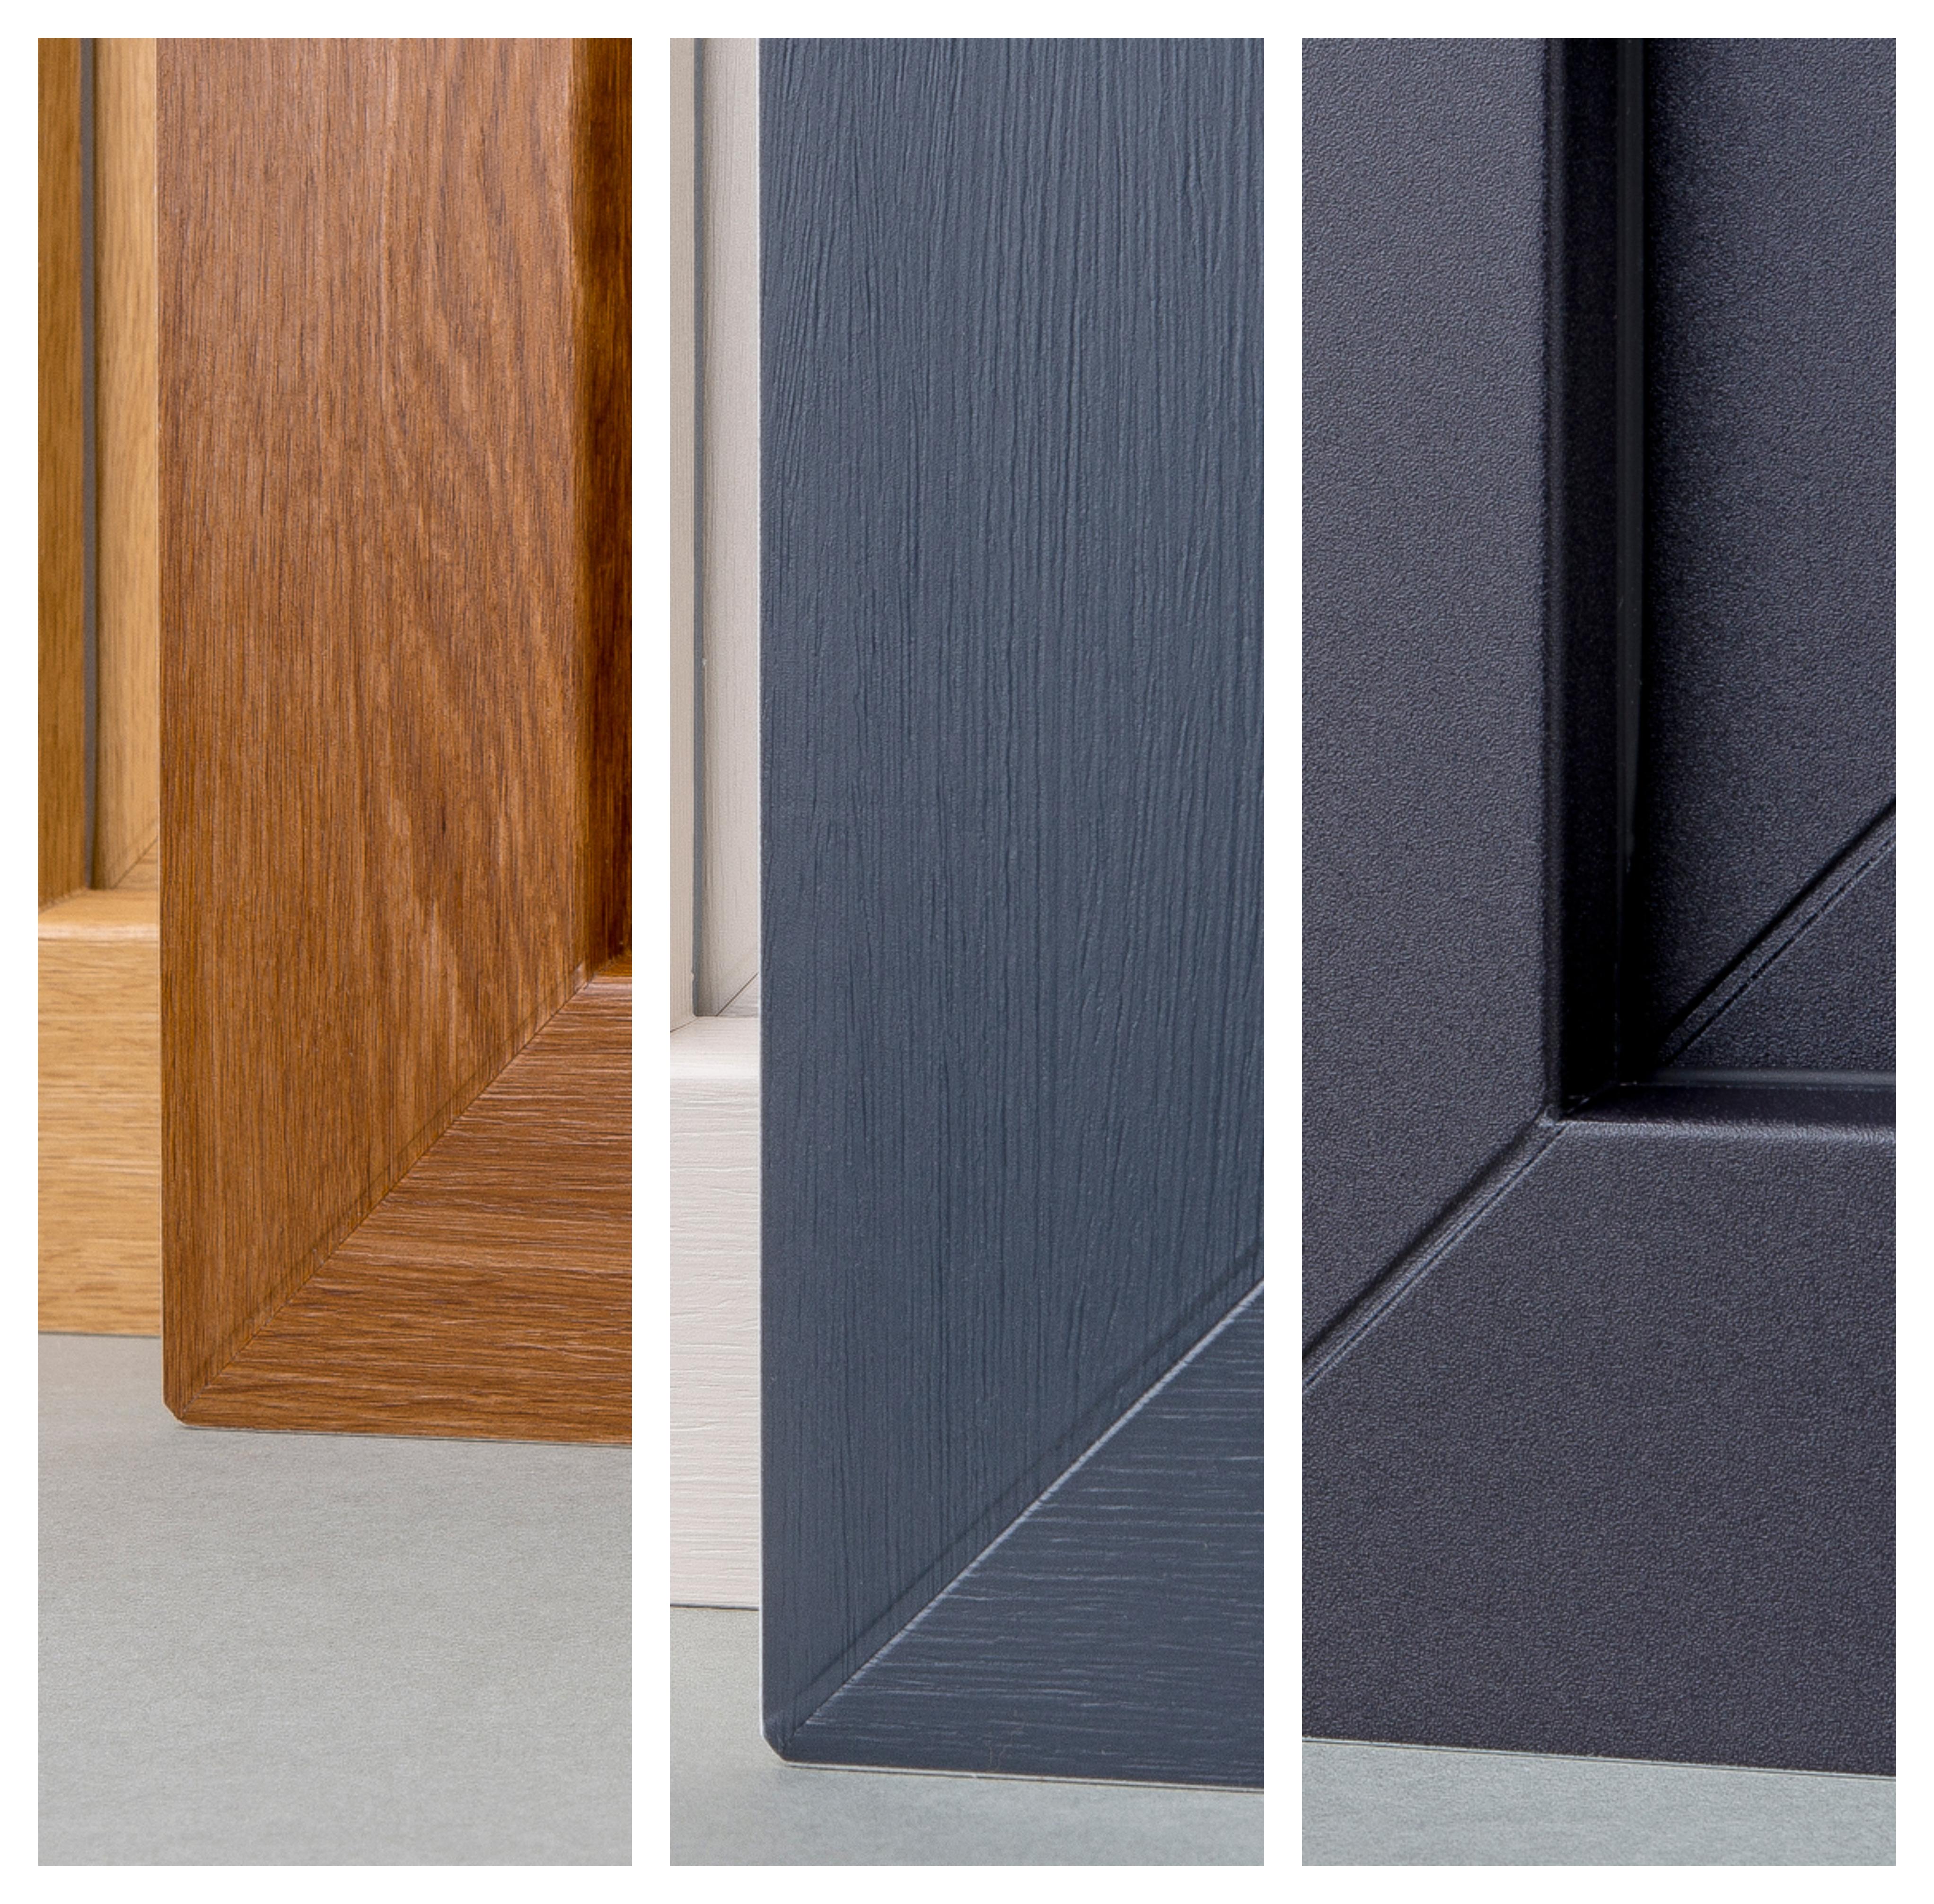 Colori Pannelli Porte Blindate nuovi colori disponibili · zero5